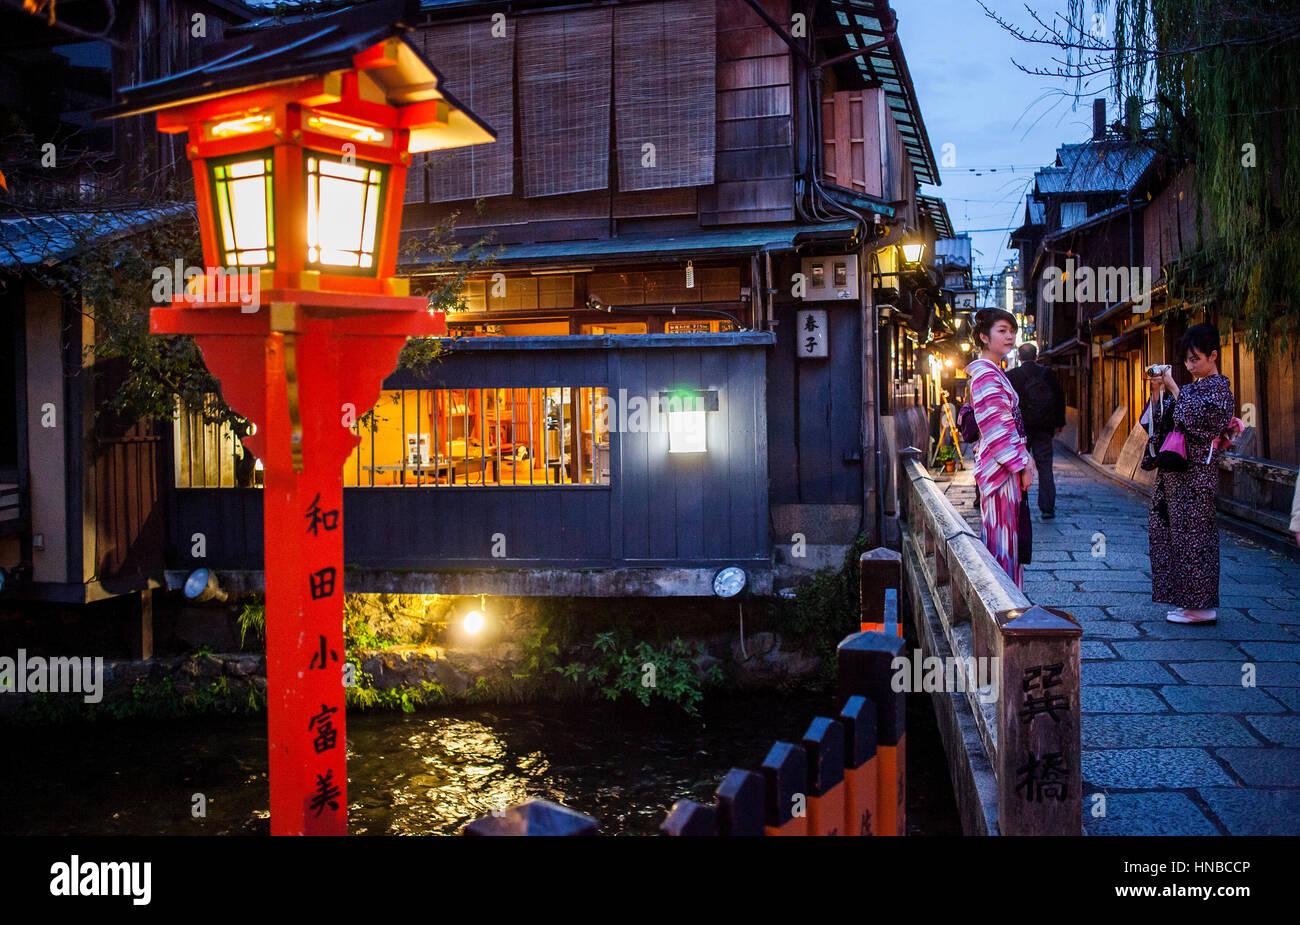 Women, Street scene, in Shirakawa-minami-dori, Gion district, Kyoto. Kansai, Japan. Stock Photo